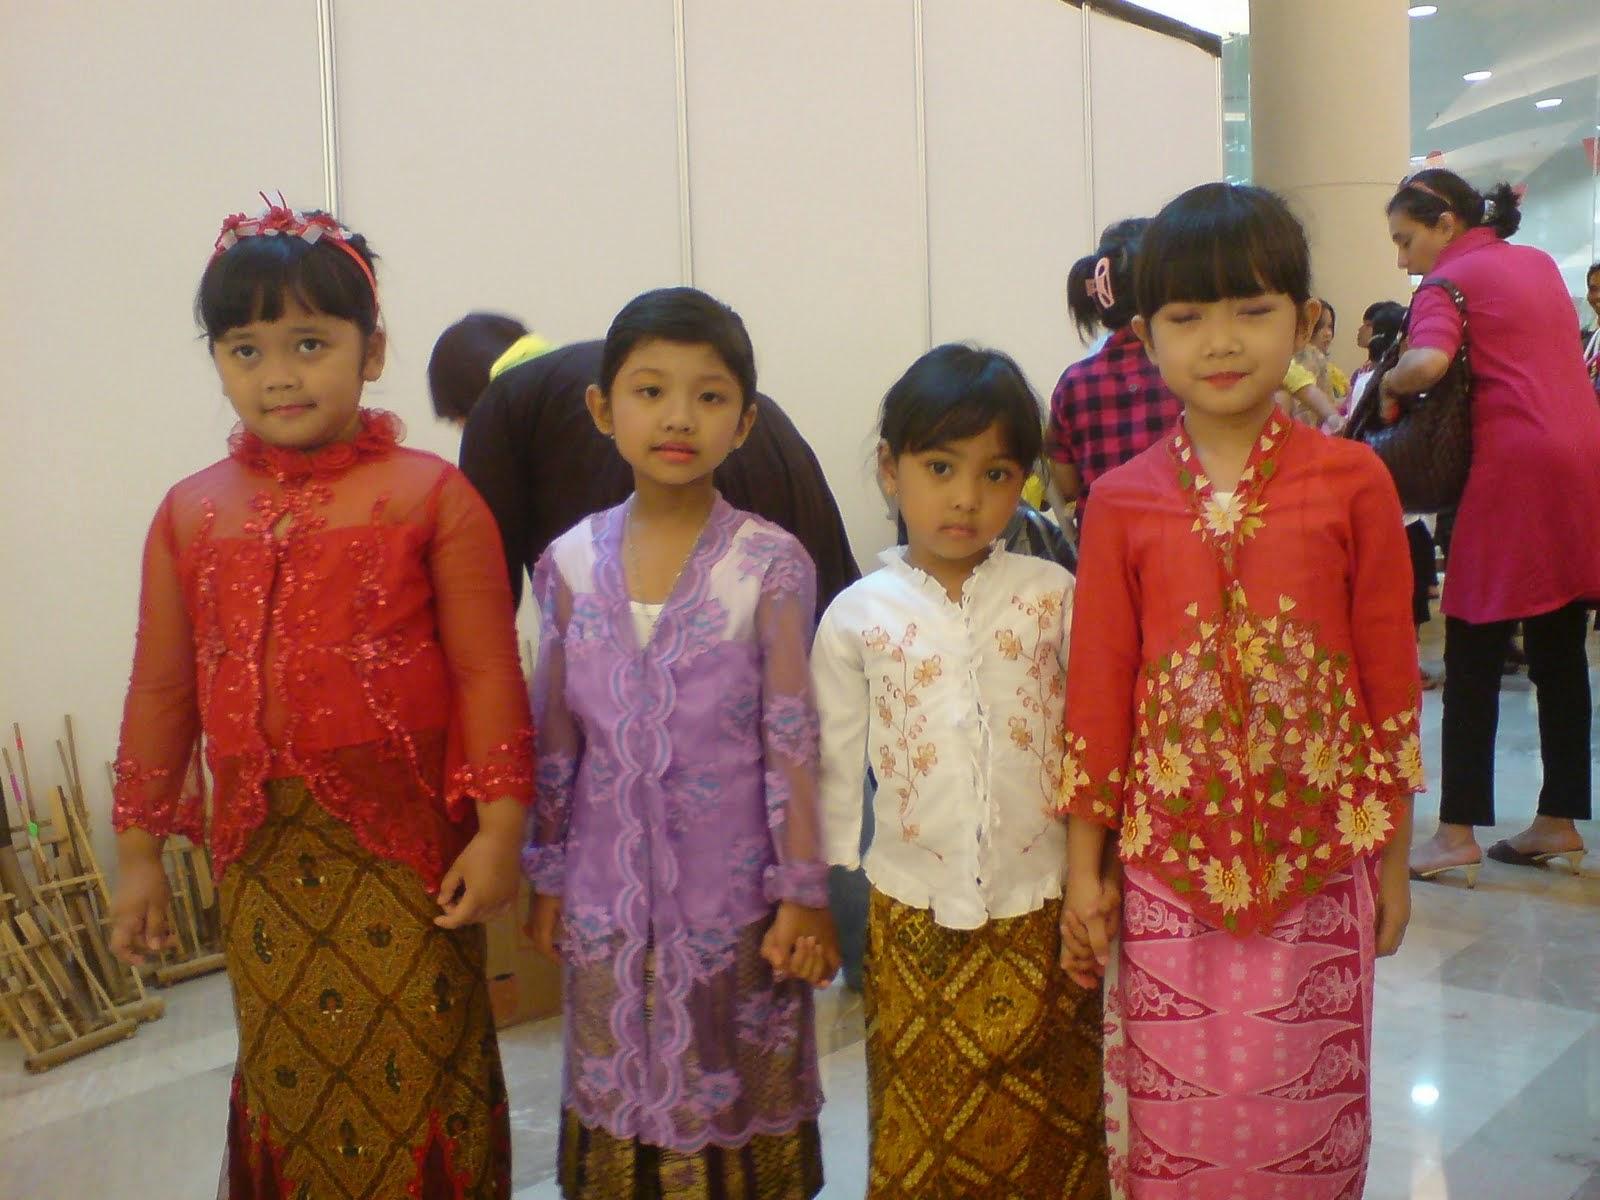 Kumpulan Foto Model Baju Kebaya Anak - Kebaya Model Baru